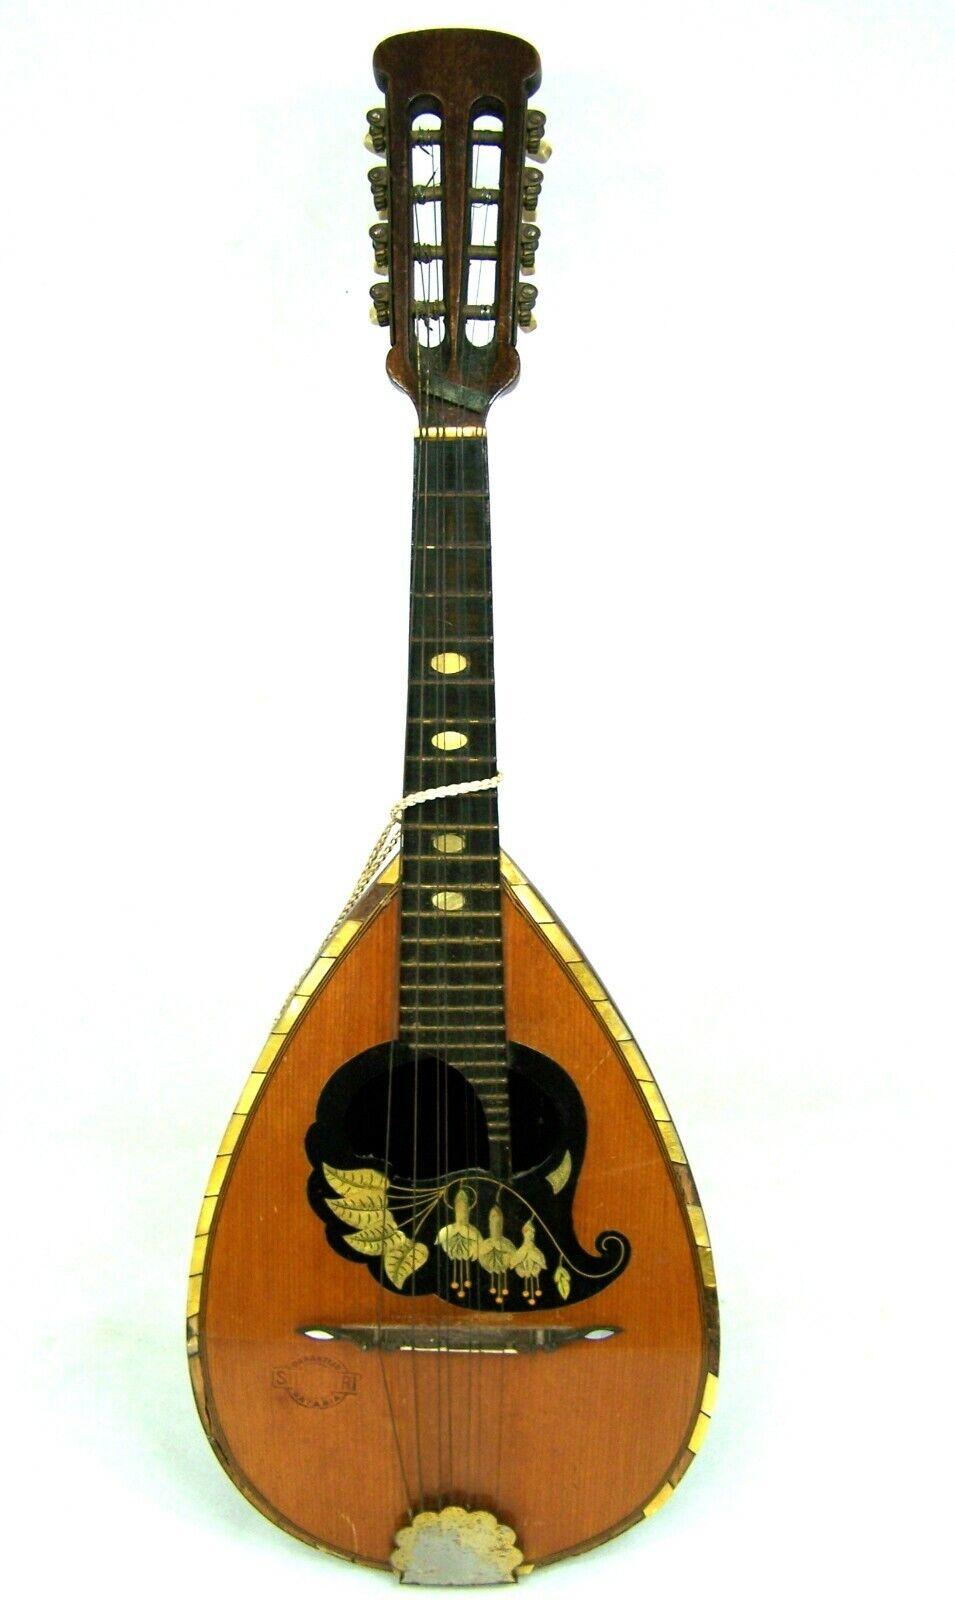 Alte MARCELLI Mandoline Rundbauch-Zupfinstrument um 1920 30 Holz Blaumen-Motiv